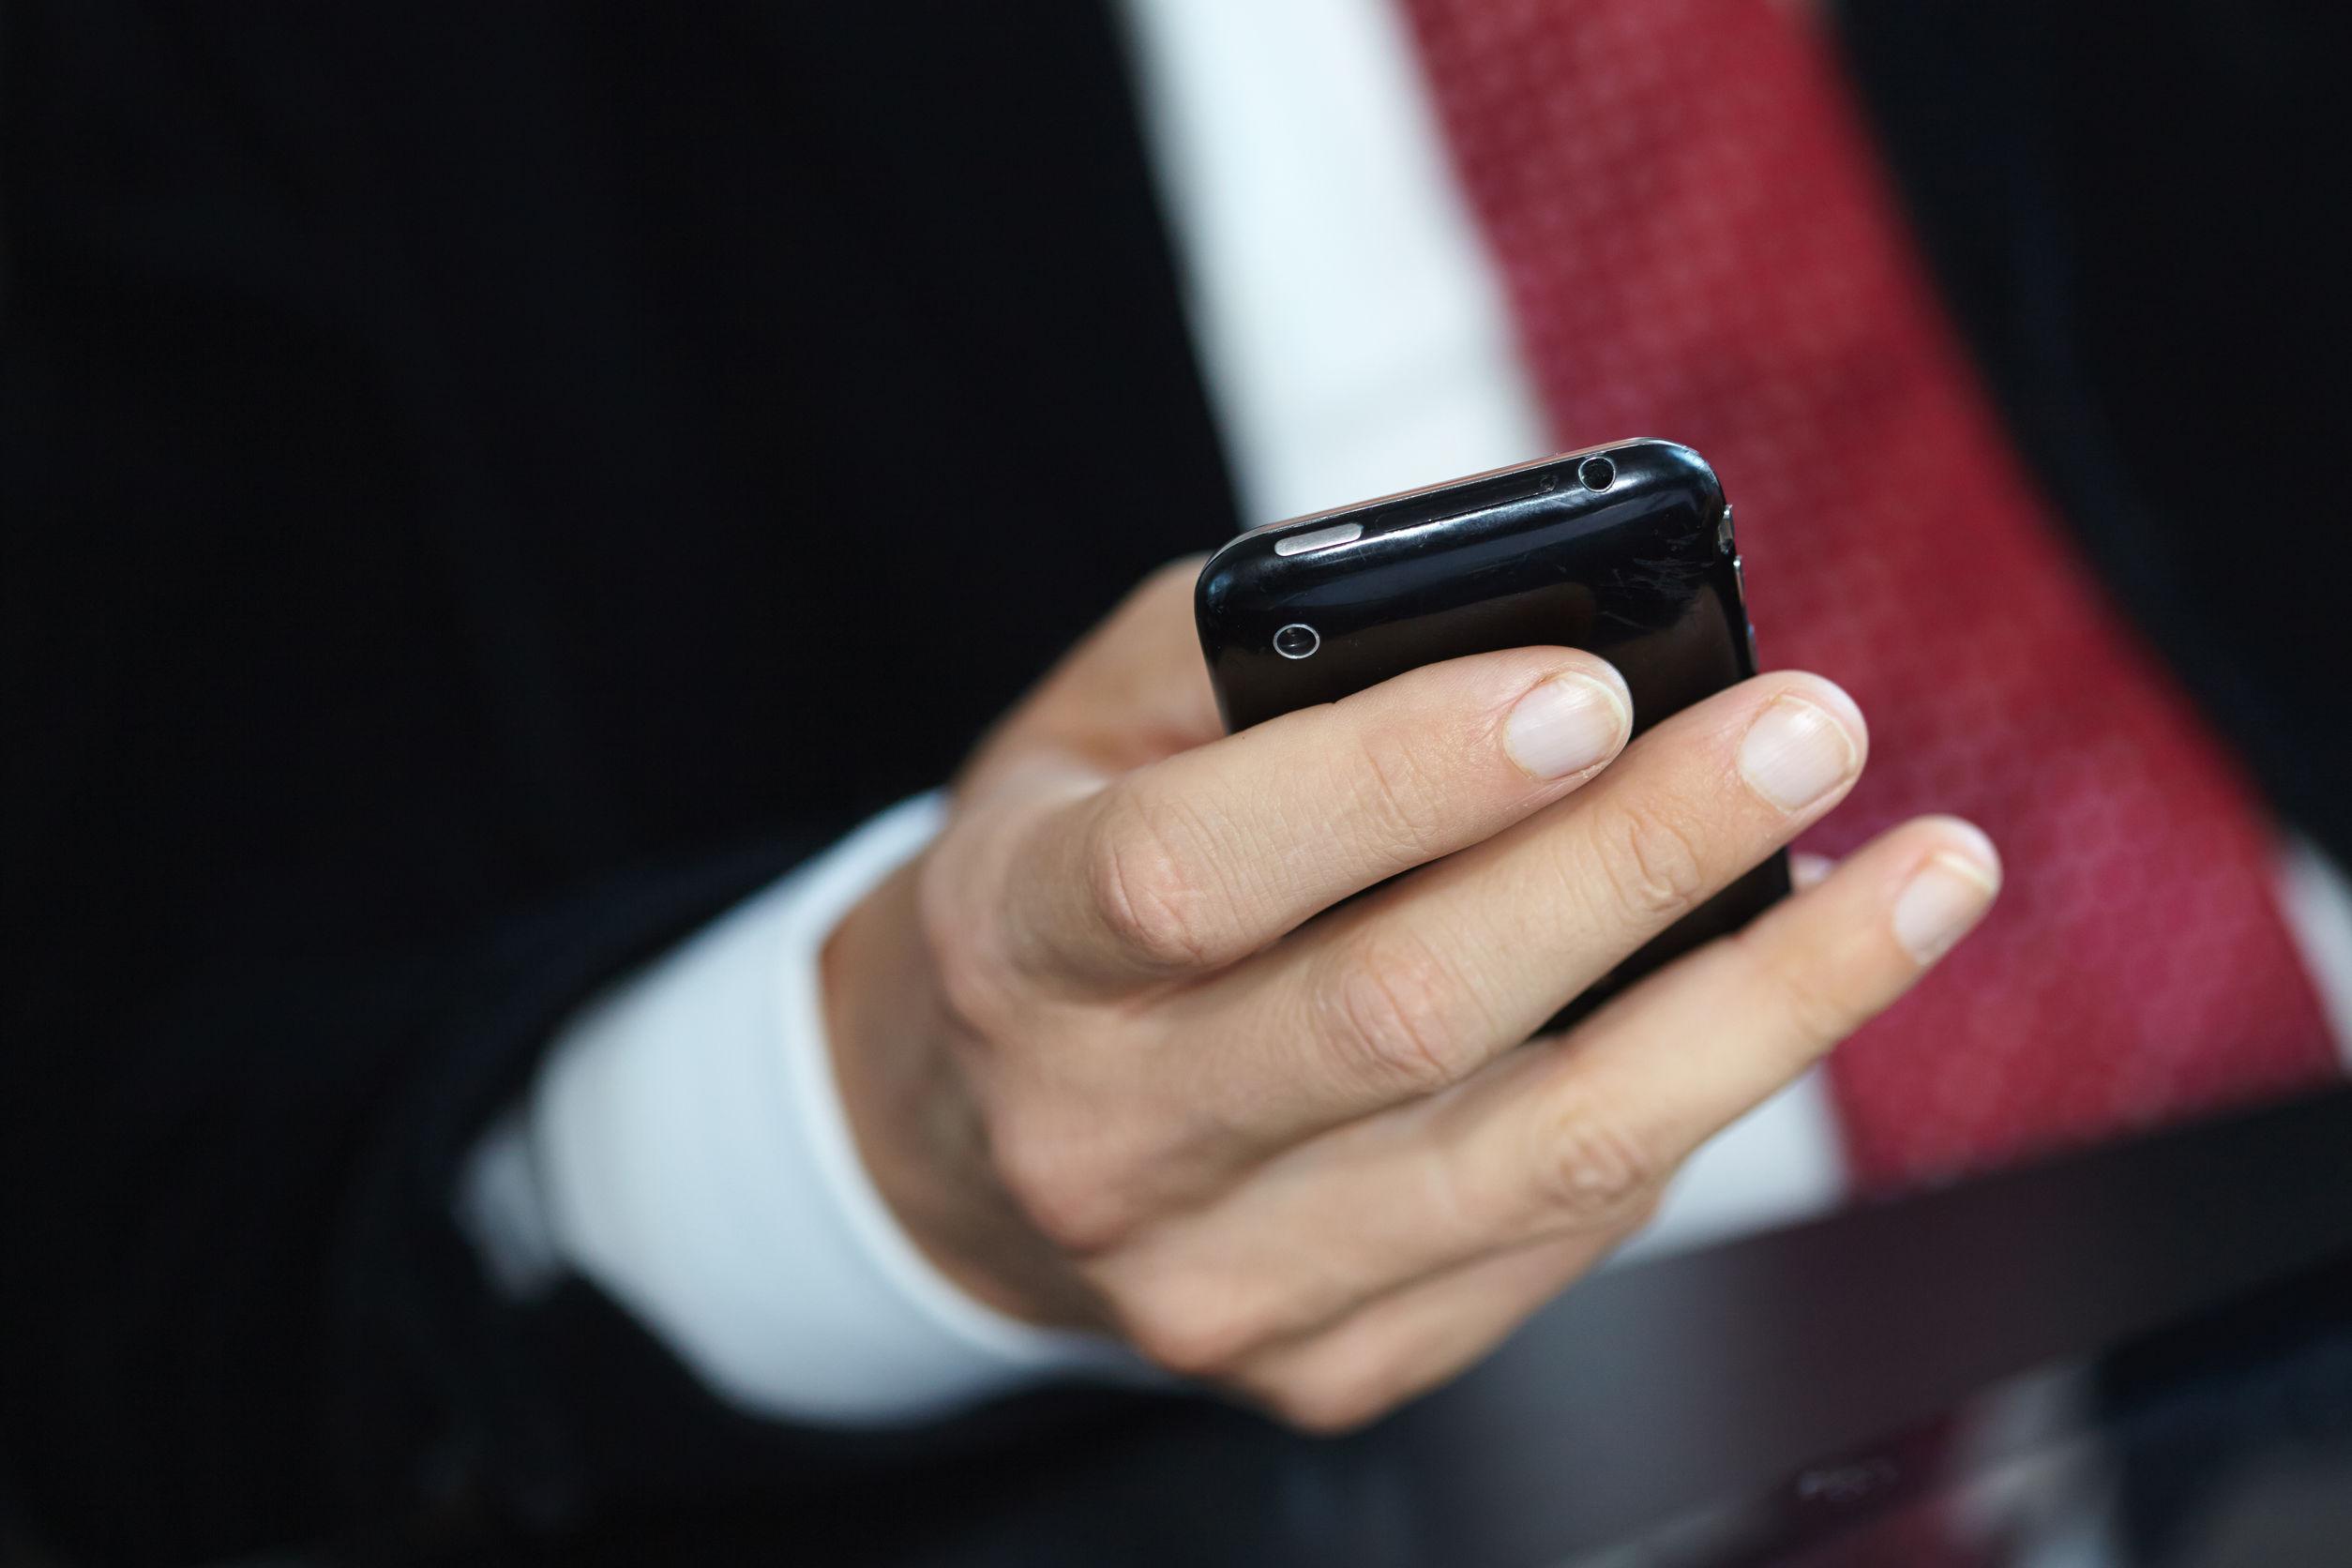 wysyłanie SMS-ów do kogoś po podłączeniu przejście od randki do wyłączności